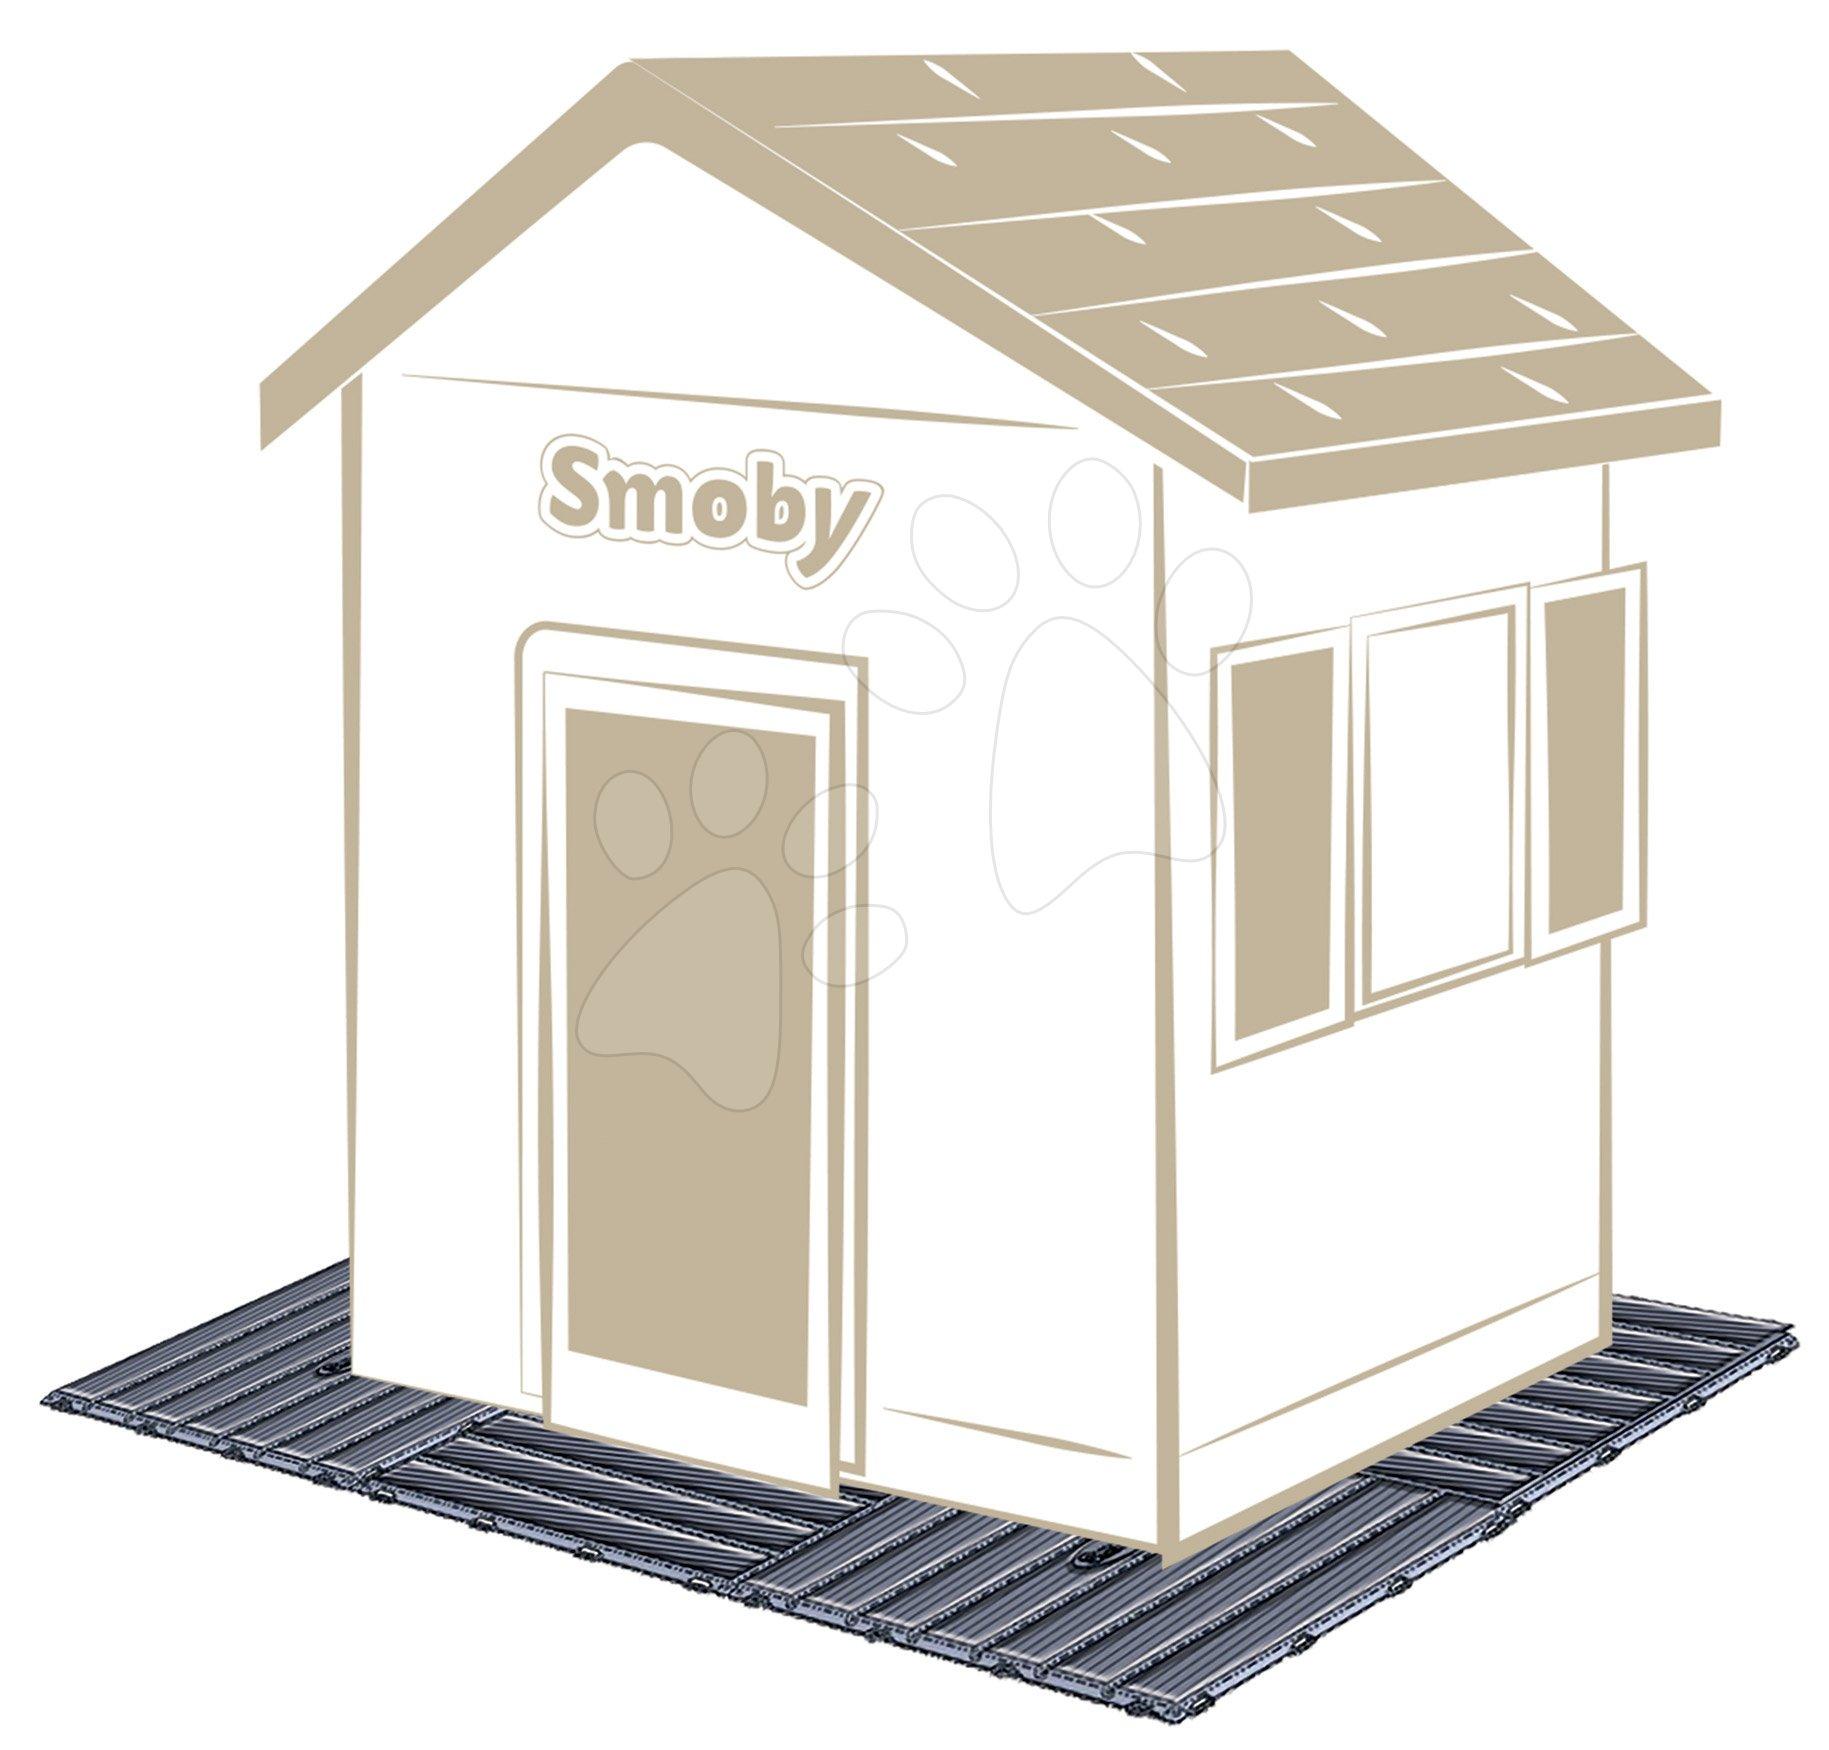 Podlaha pod všetky domčeky Smoby alebo na terasu alebo chodník k domčeku set 6 štvorcov 45*45 cm/1,2 m2